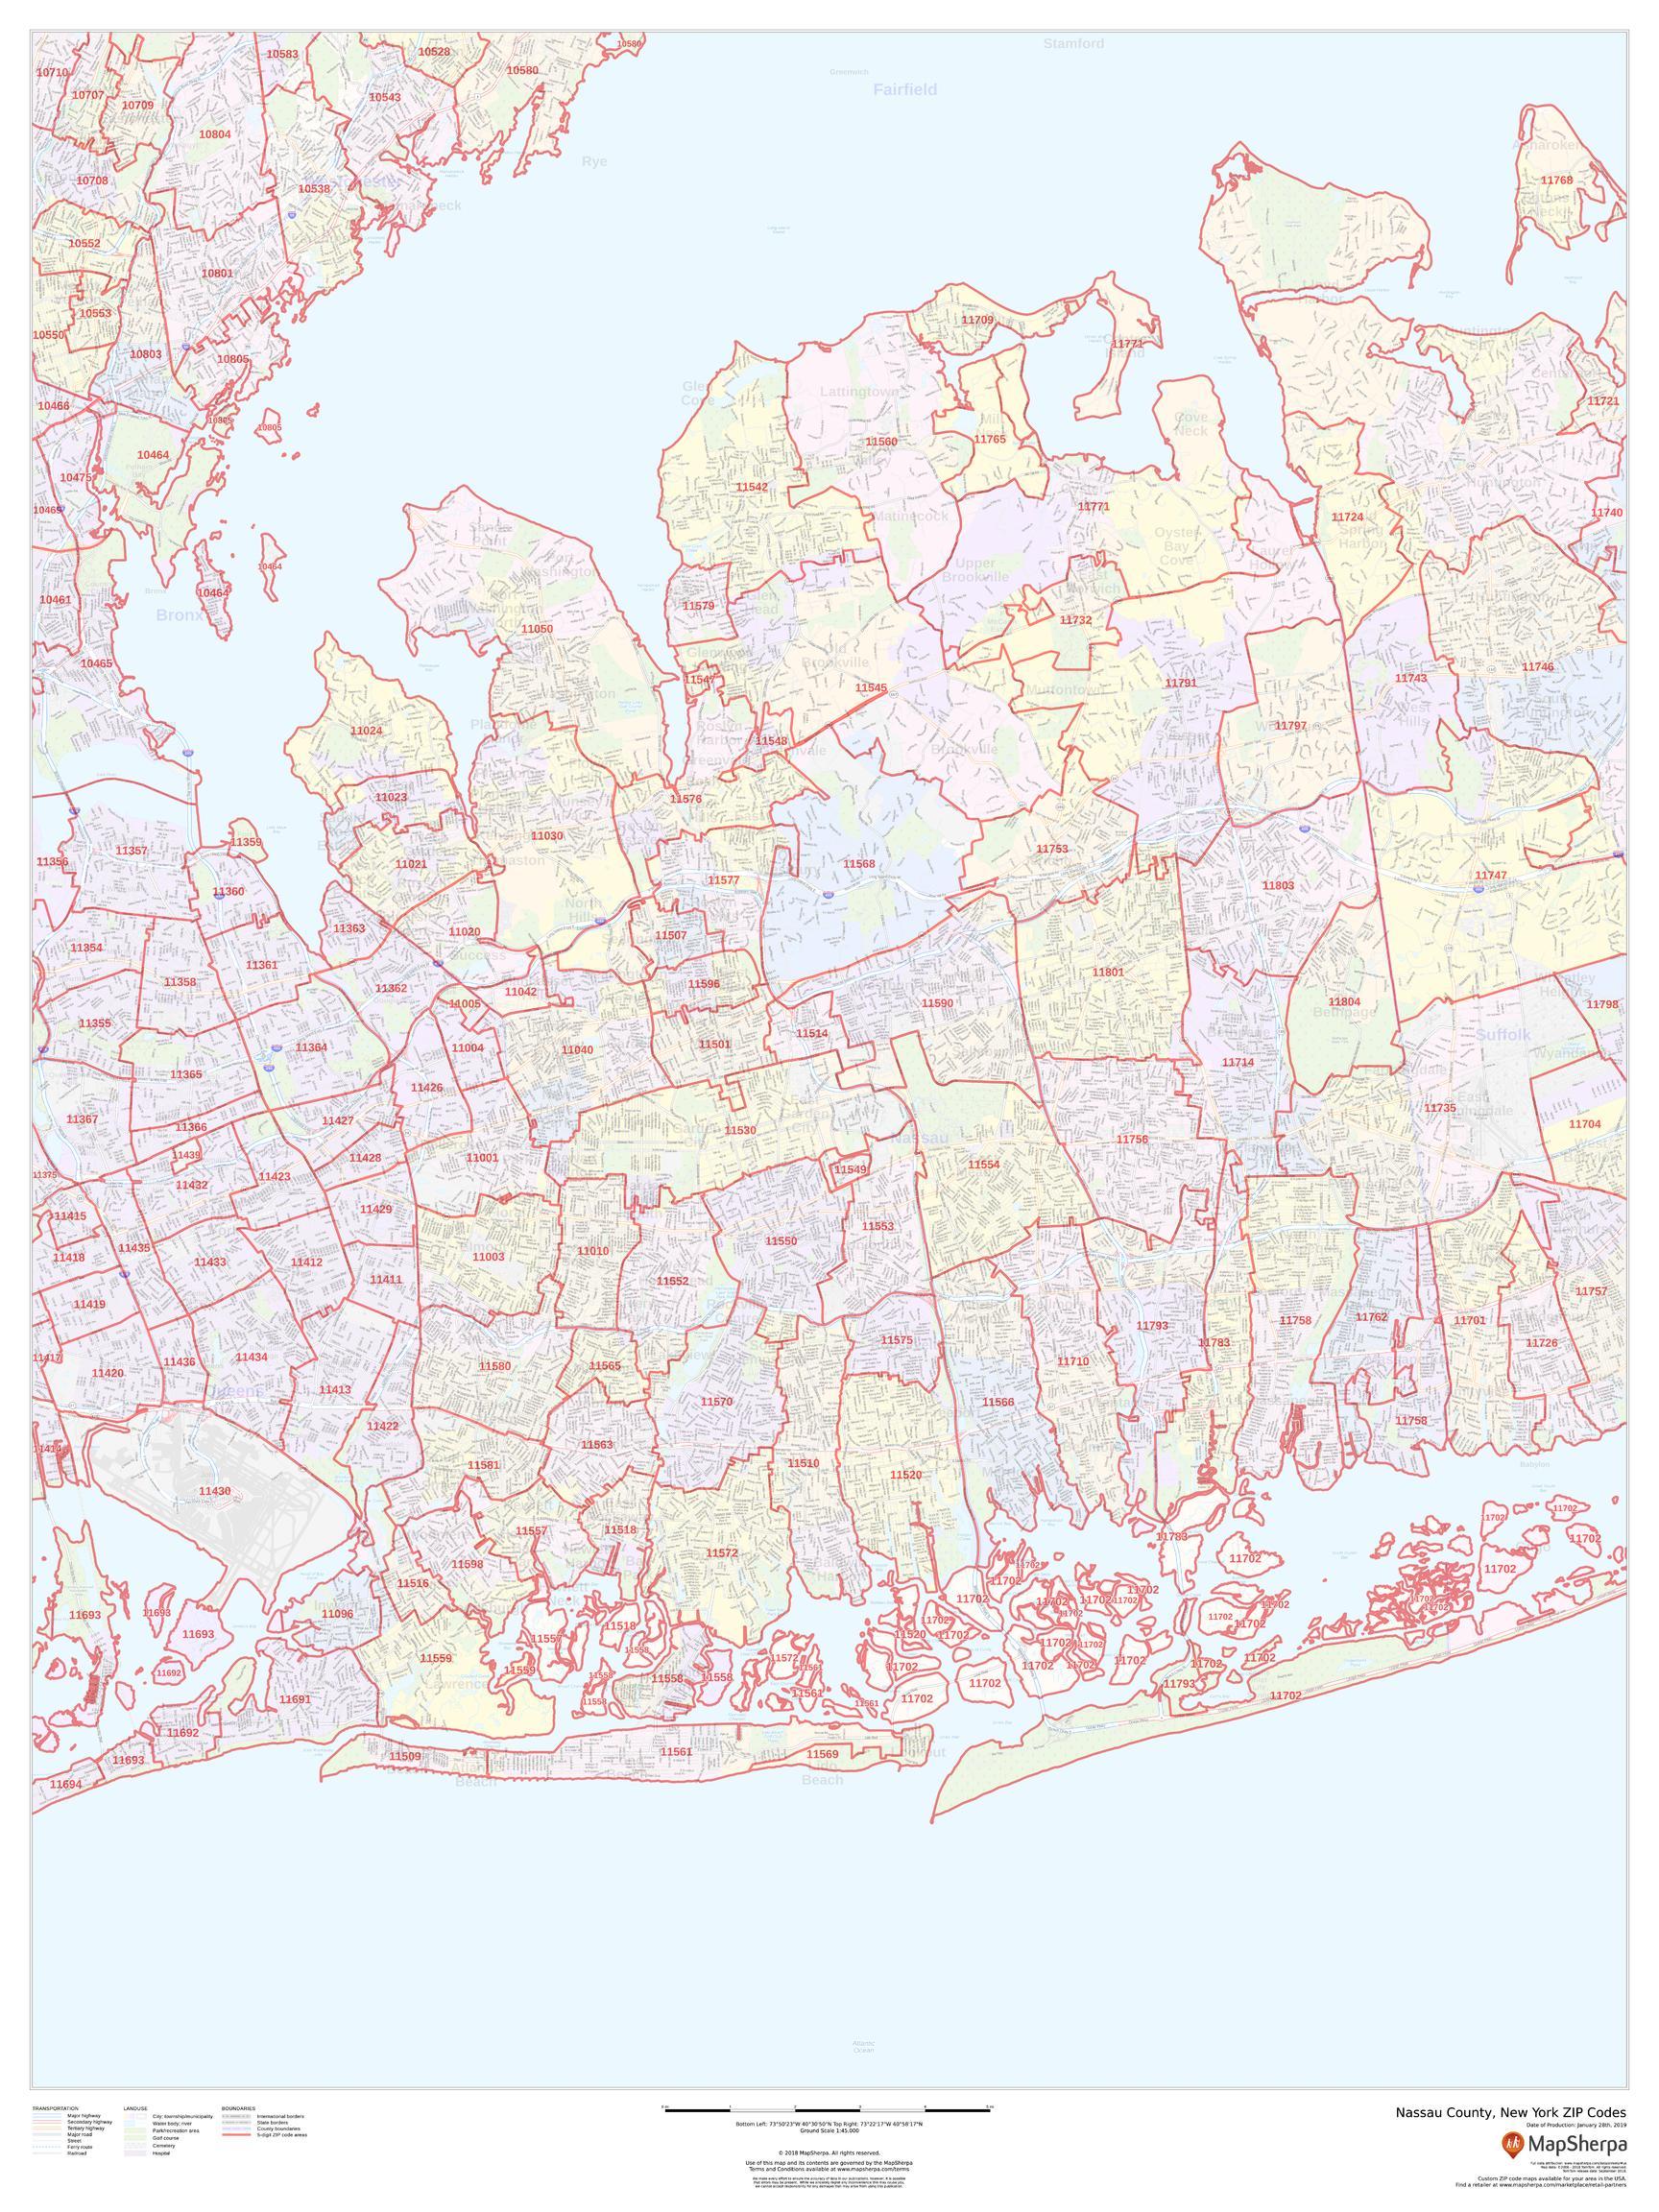 Nassau County Zip Code Map New York